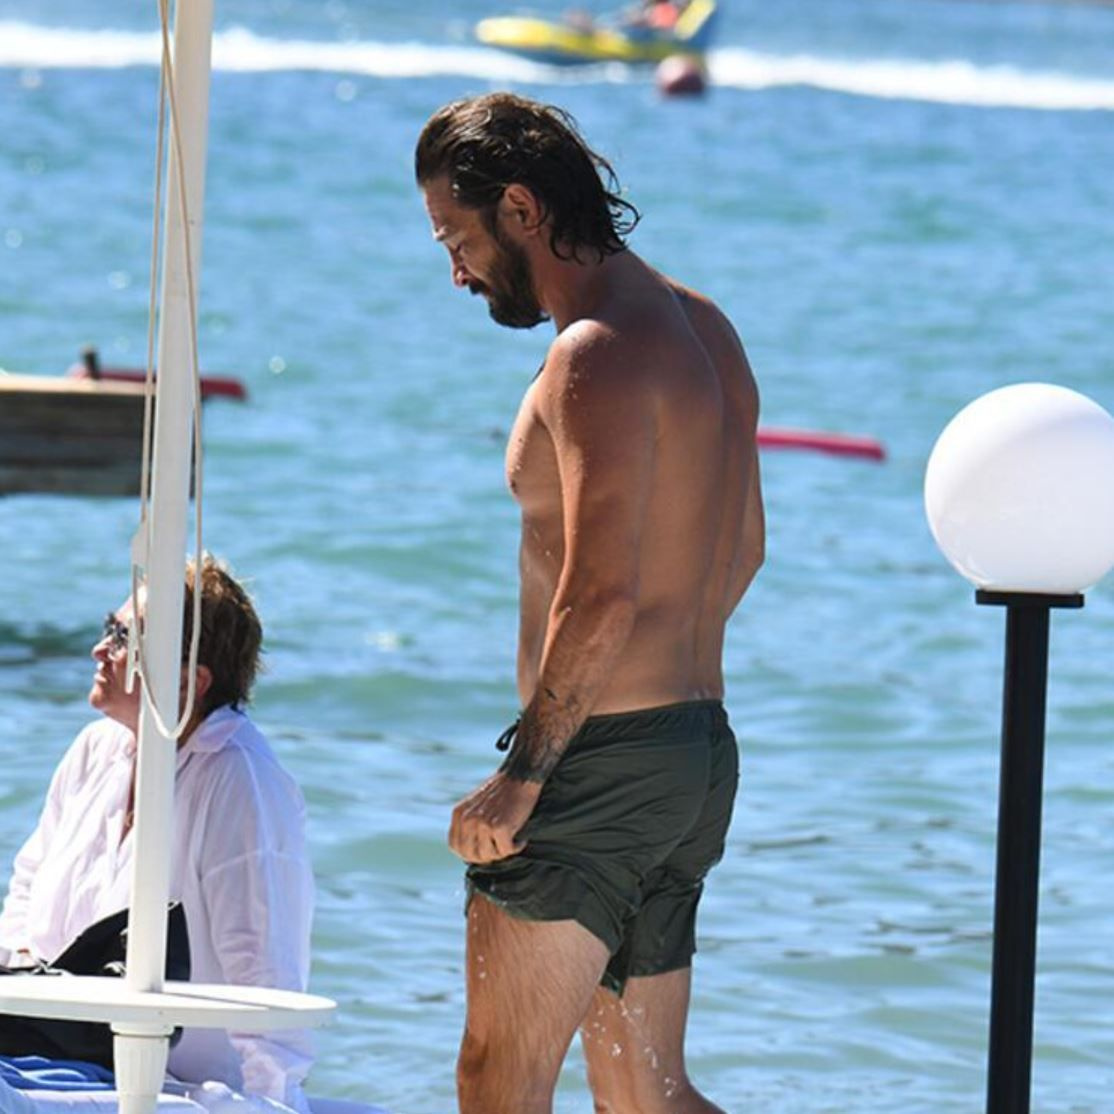 Avukat aşkıyla tatile çıktı! Bir Zamanlar Kıbrıs yıldızı Ahmet Kural'ın son halini gören tanıyamadı